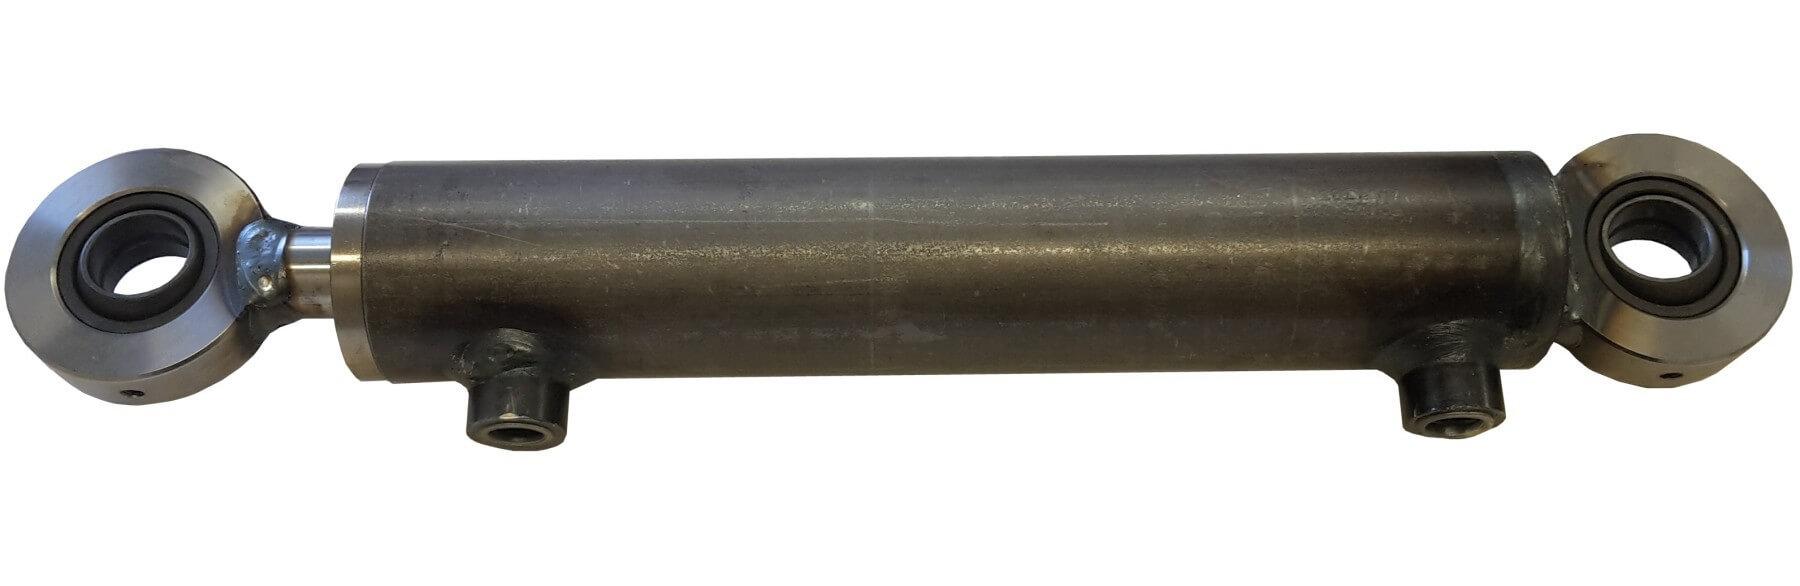 Hydraulisylinteri CL 50. 30. 250 GE - Kailatec Oy Verkkokauppa